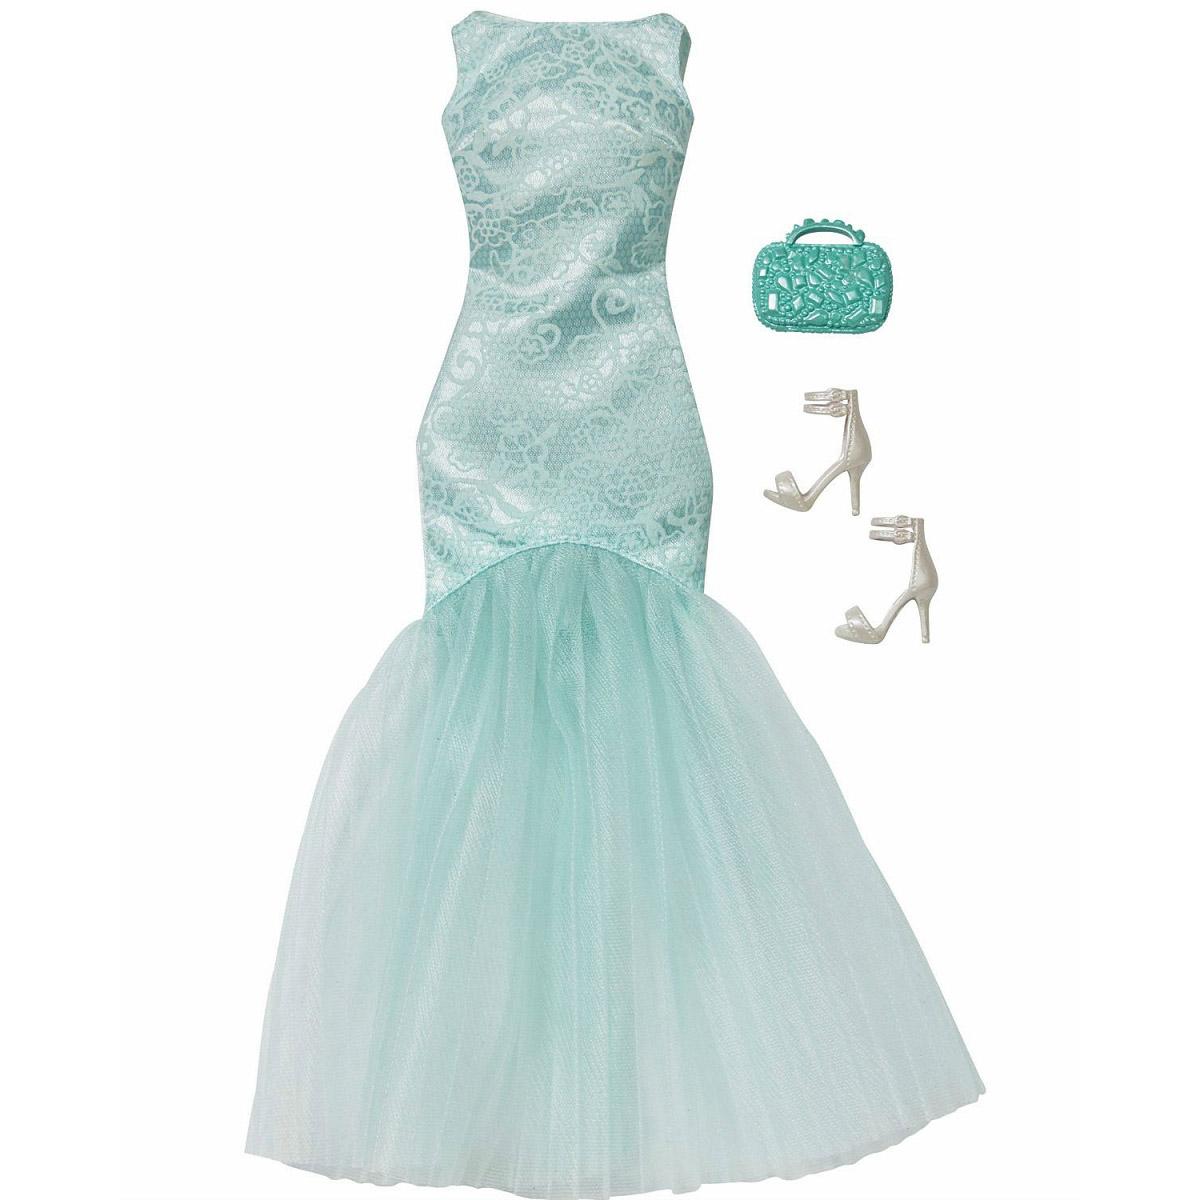 Комплект одежды Барби: Игра с модой – Бирюзовое платьеОдежда для кукол<br>Комплект одежды Барби: Игра с модой – Бирюзовое платье<br>